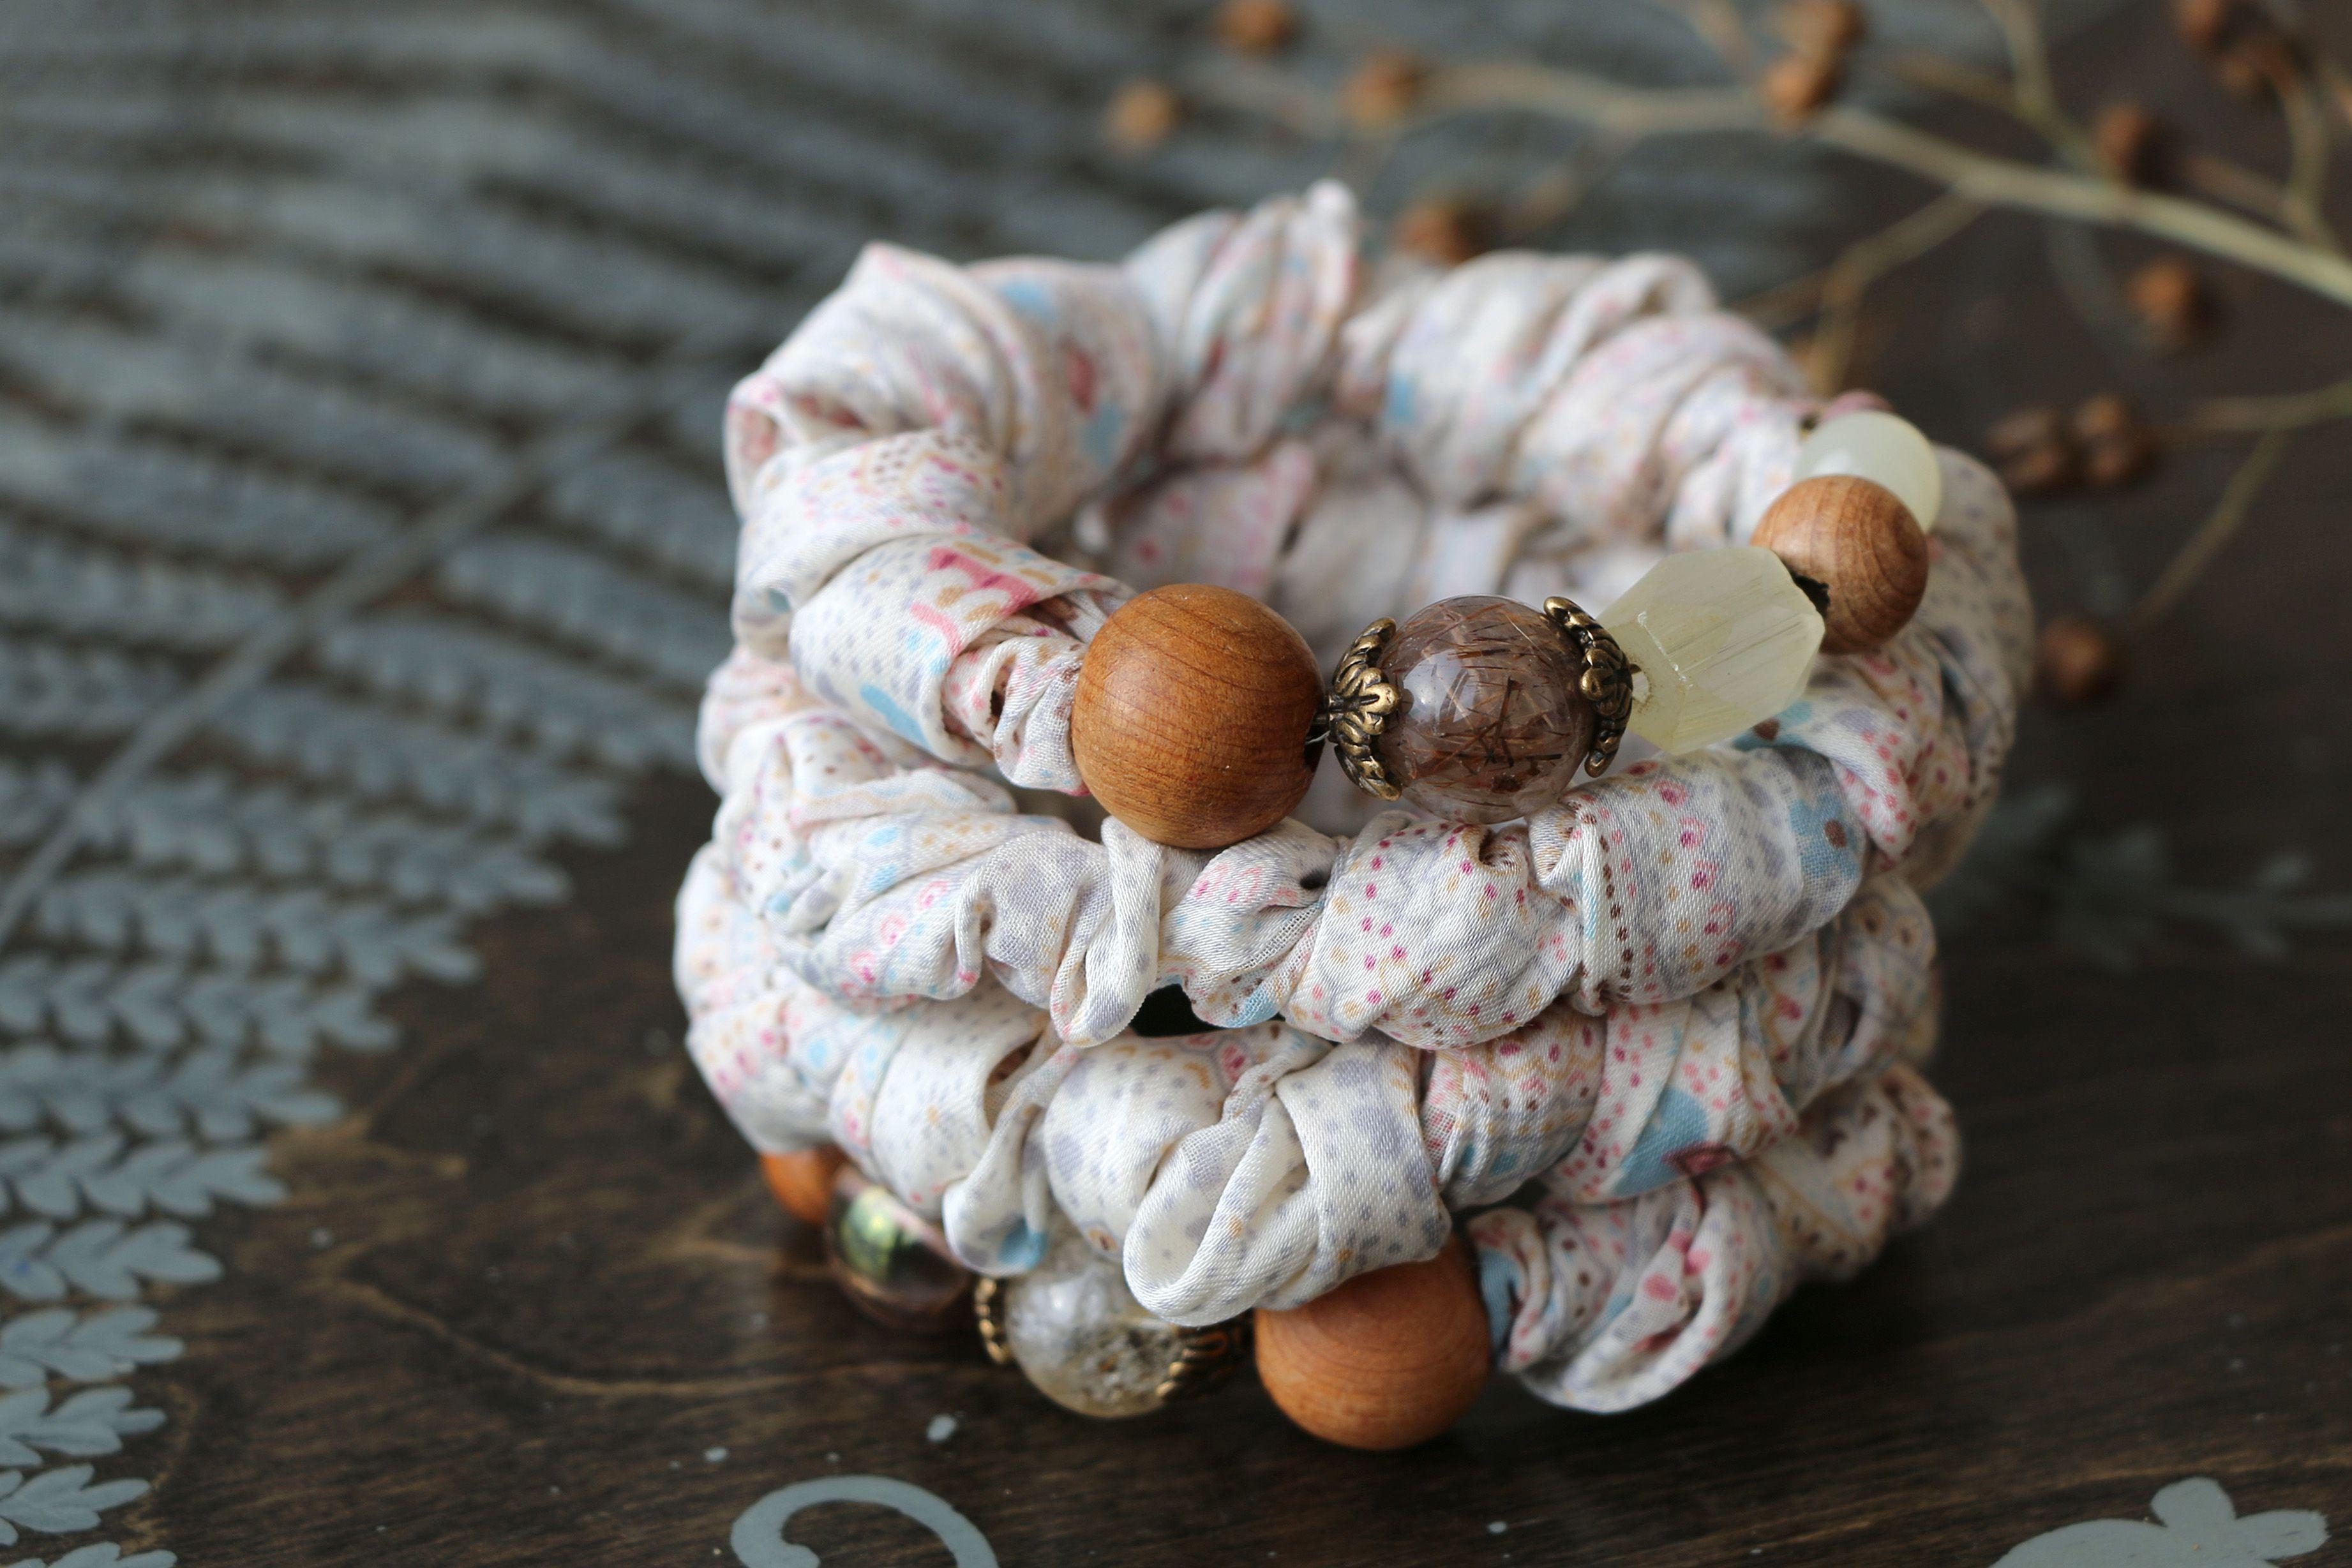 романтичный шелк весенний текстильный жатый винтажный розовый цветение бежевый голубой браслет